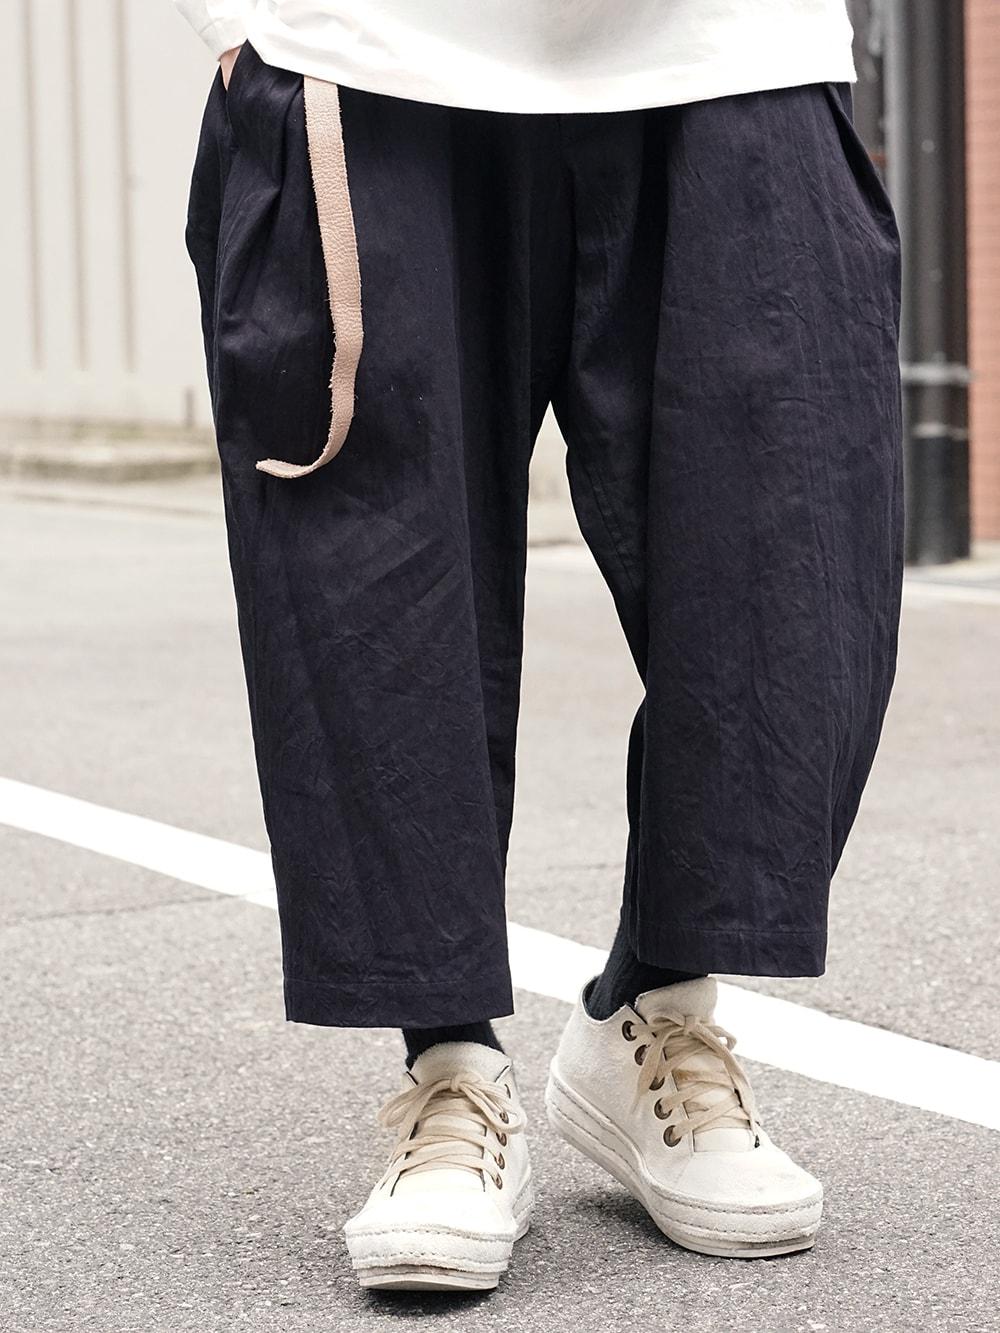 Yohji Yamamoto Side Tuck Pants Style 07